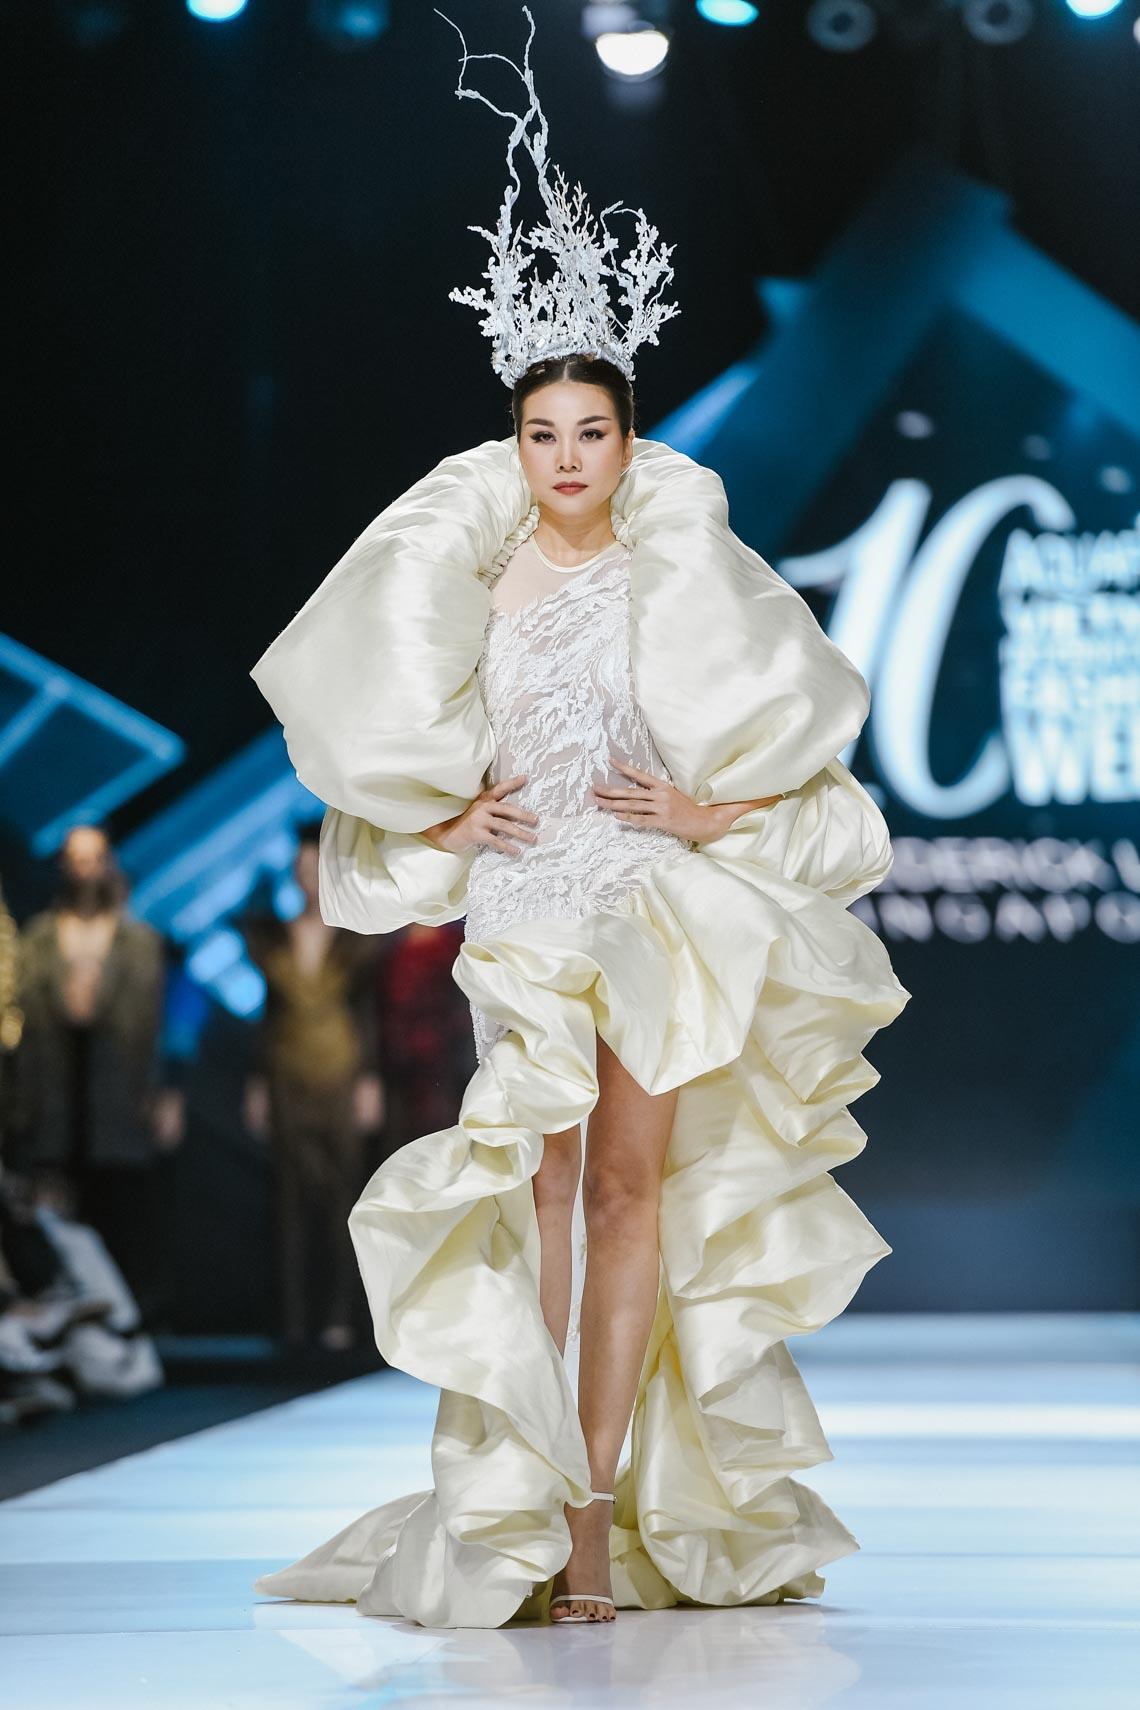 Siêu mẫu Thanh Hằng trong BST mới nhất của Frederick Lee trên sàn diễn Tuần lễ Thời trang Quốc tế Việt Nam Thu Đông 2019 - 21